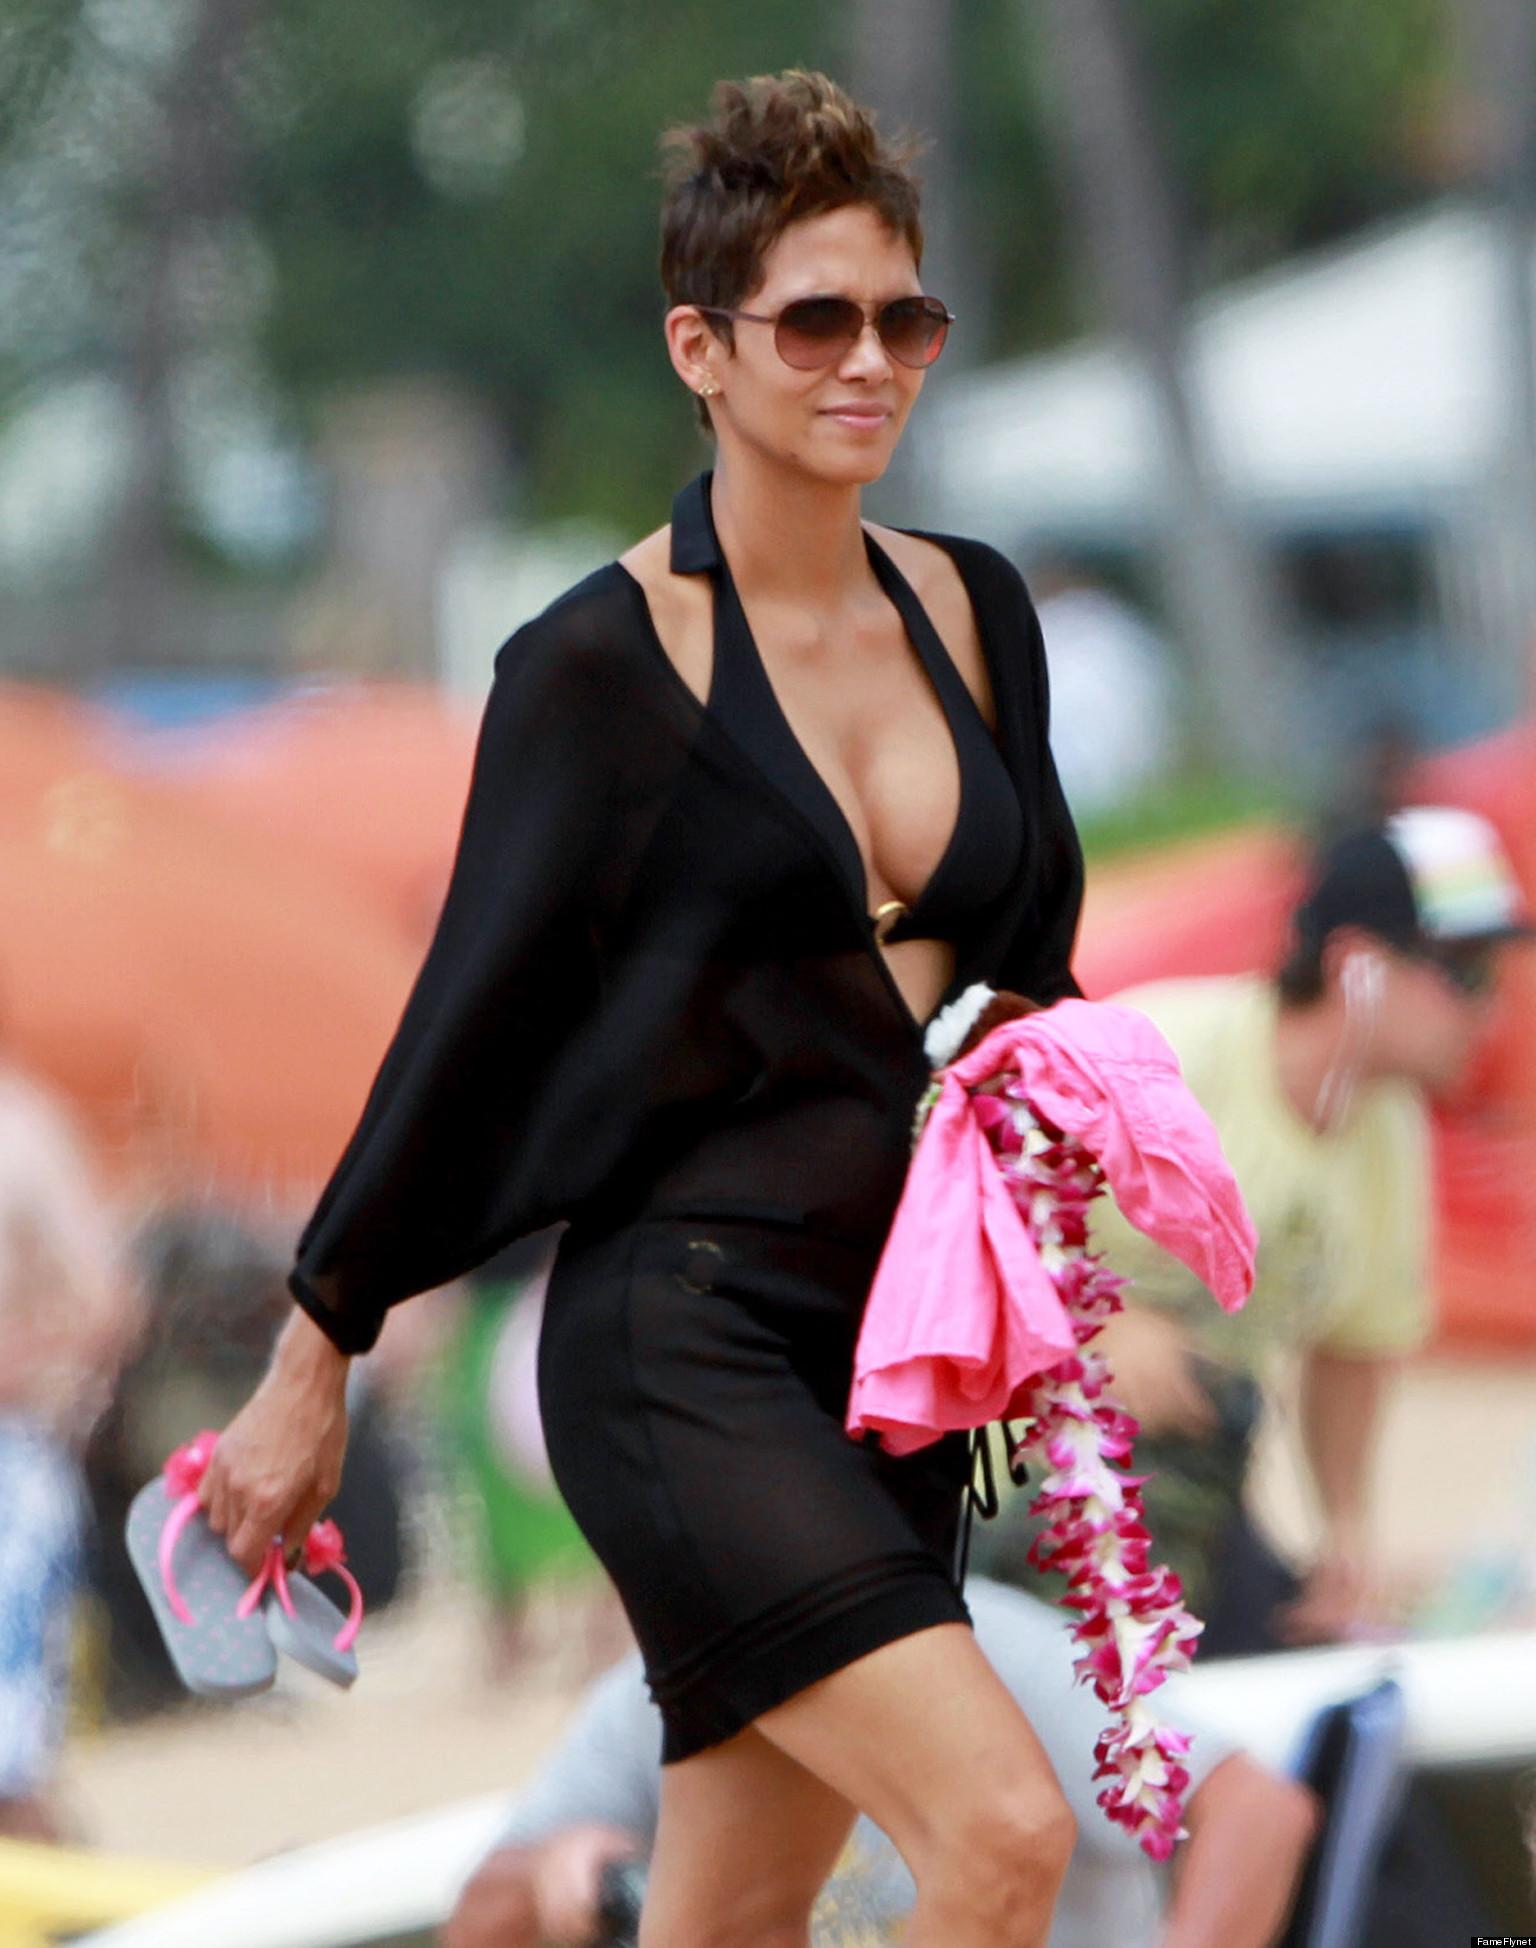 Bikinis que te dejaron boquiabierto - Halle Berry